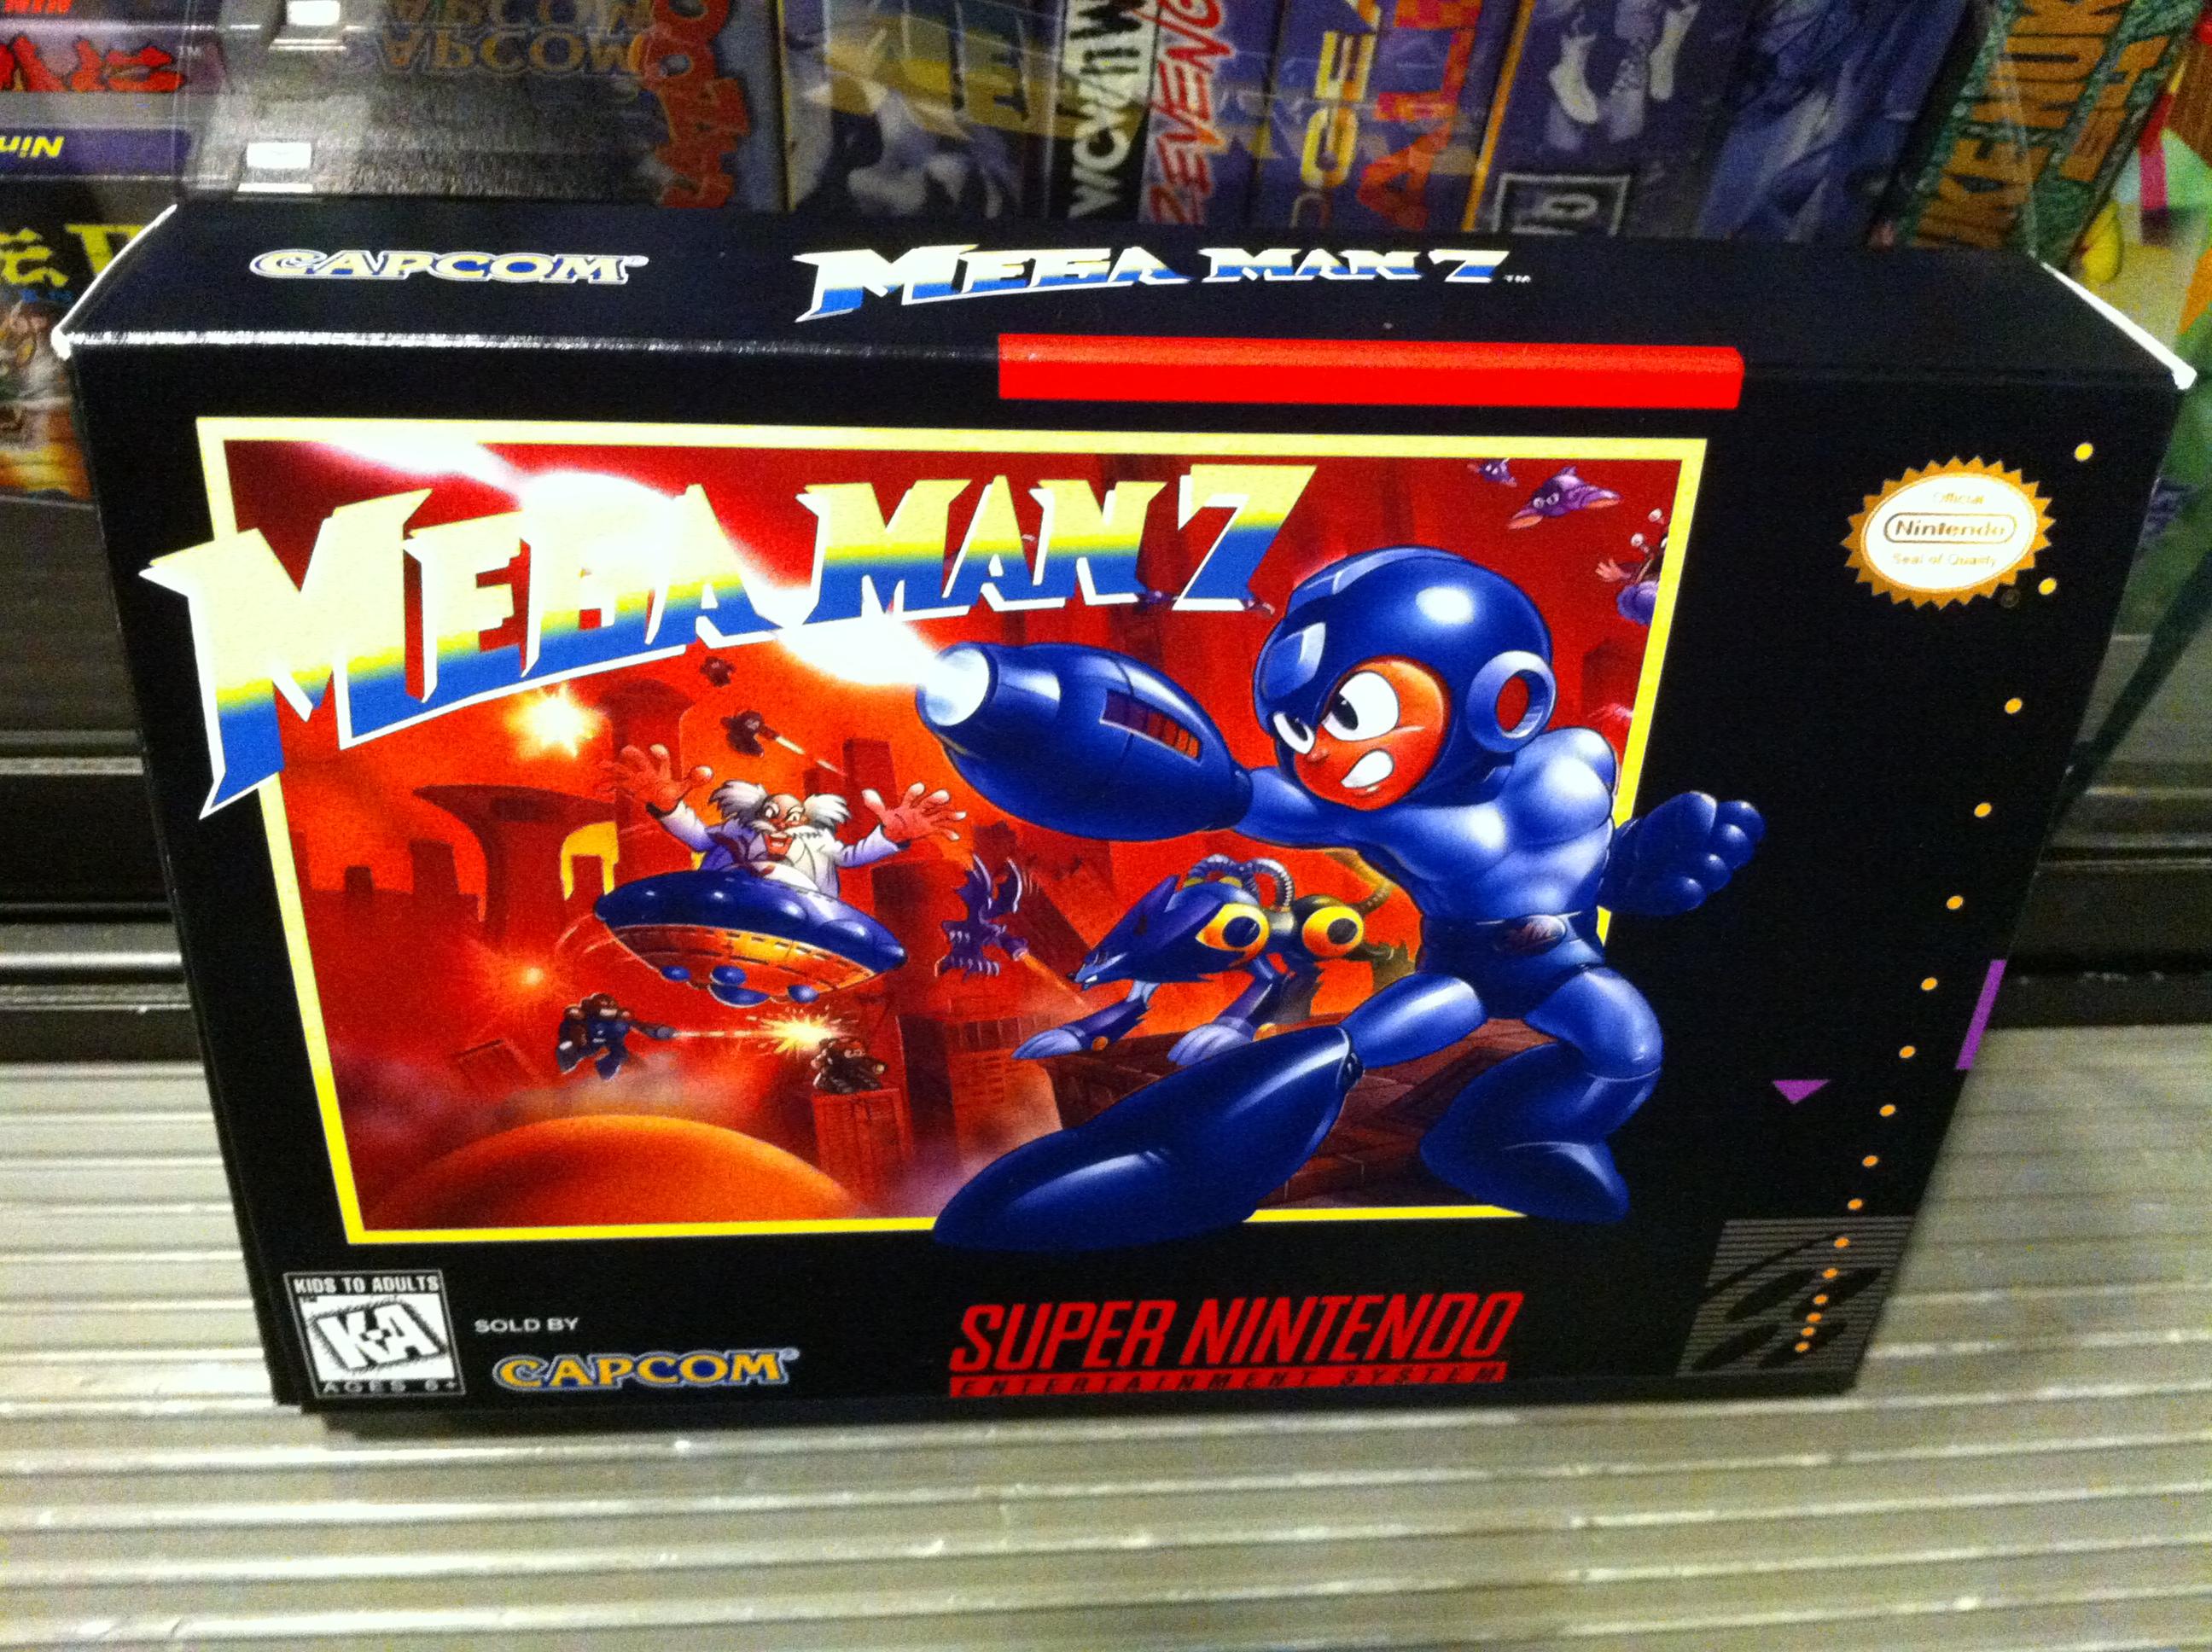 mega man 7 boxbox my games reproduction game boxes